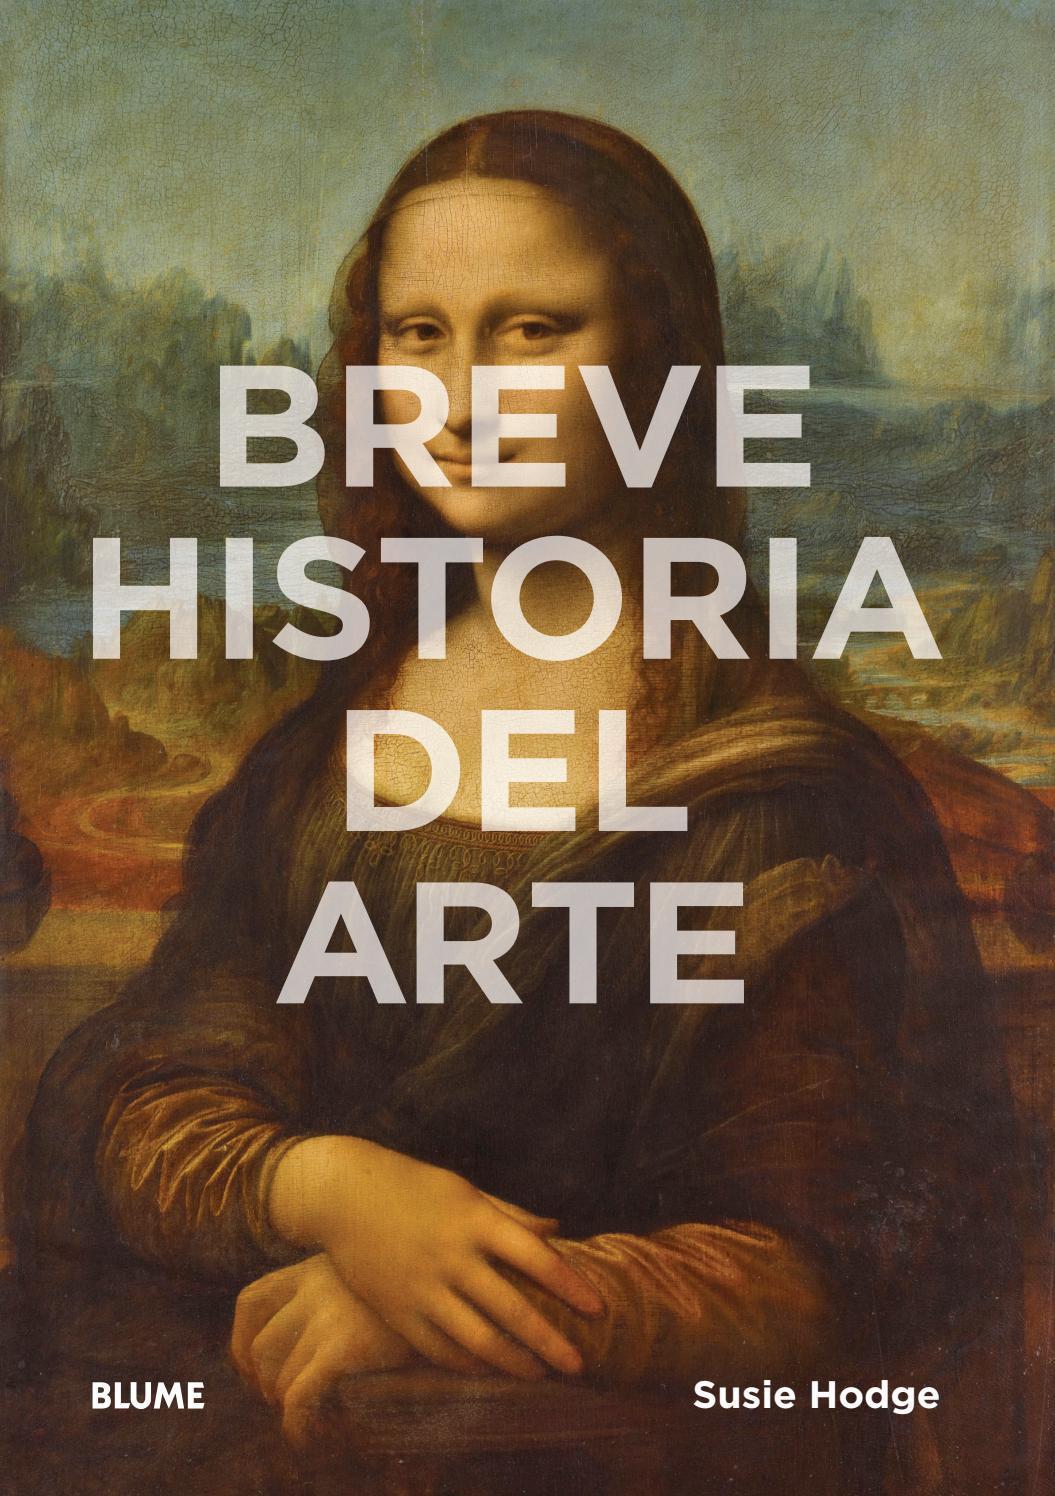 Breve historia del arte by Editorial Blume - Issuu